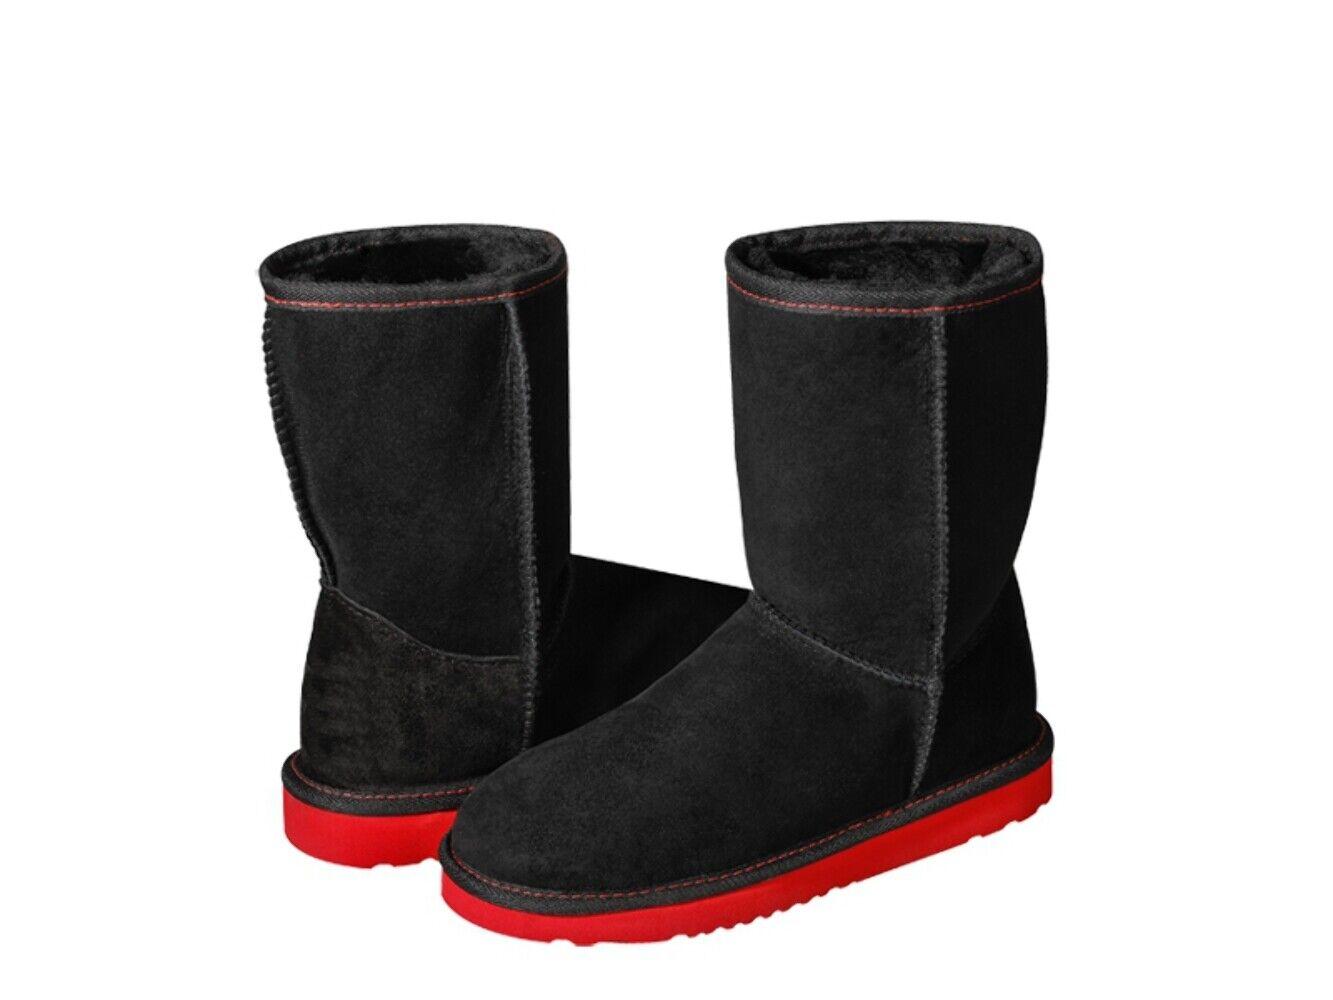 risparmiare fino all'80% AUSTRALIAN ORIGINAL ® CLASSIC SHORT R&B SHEEPSKIN stivali. Made Made Made in Australia.  migliore marca